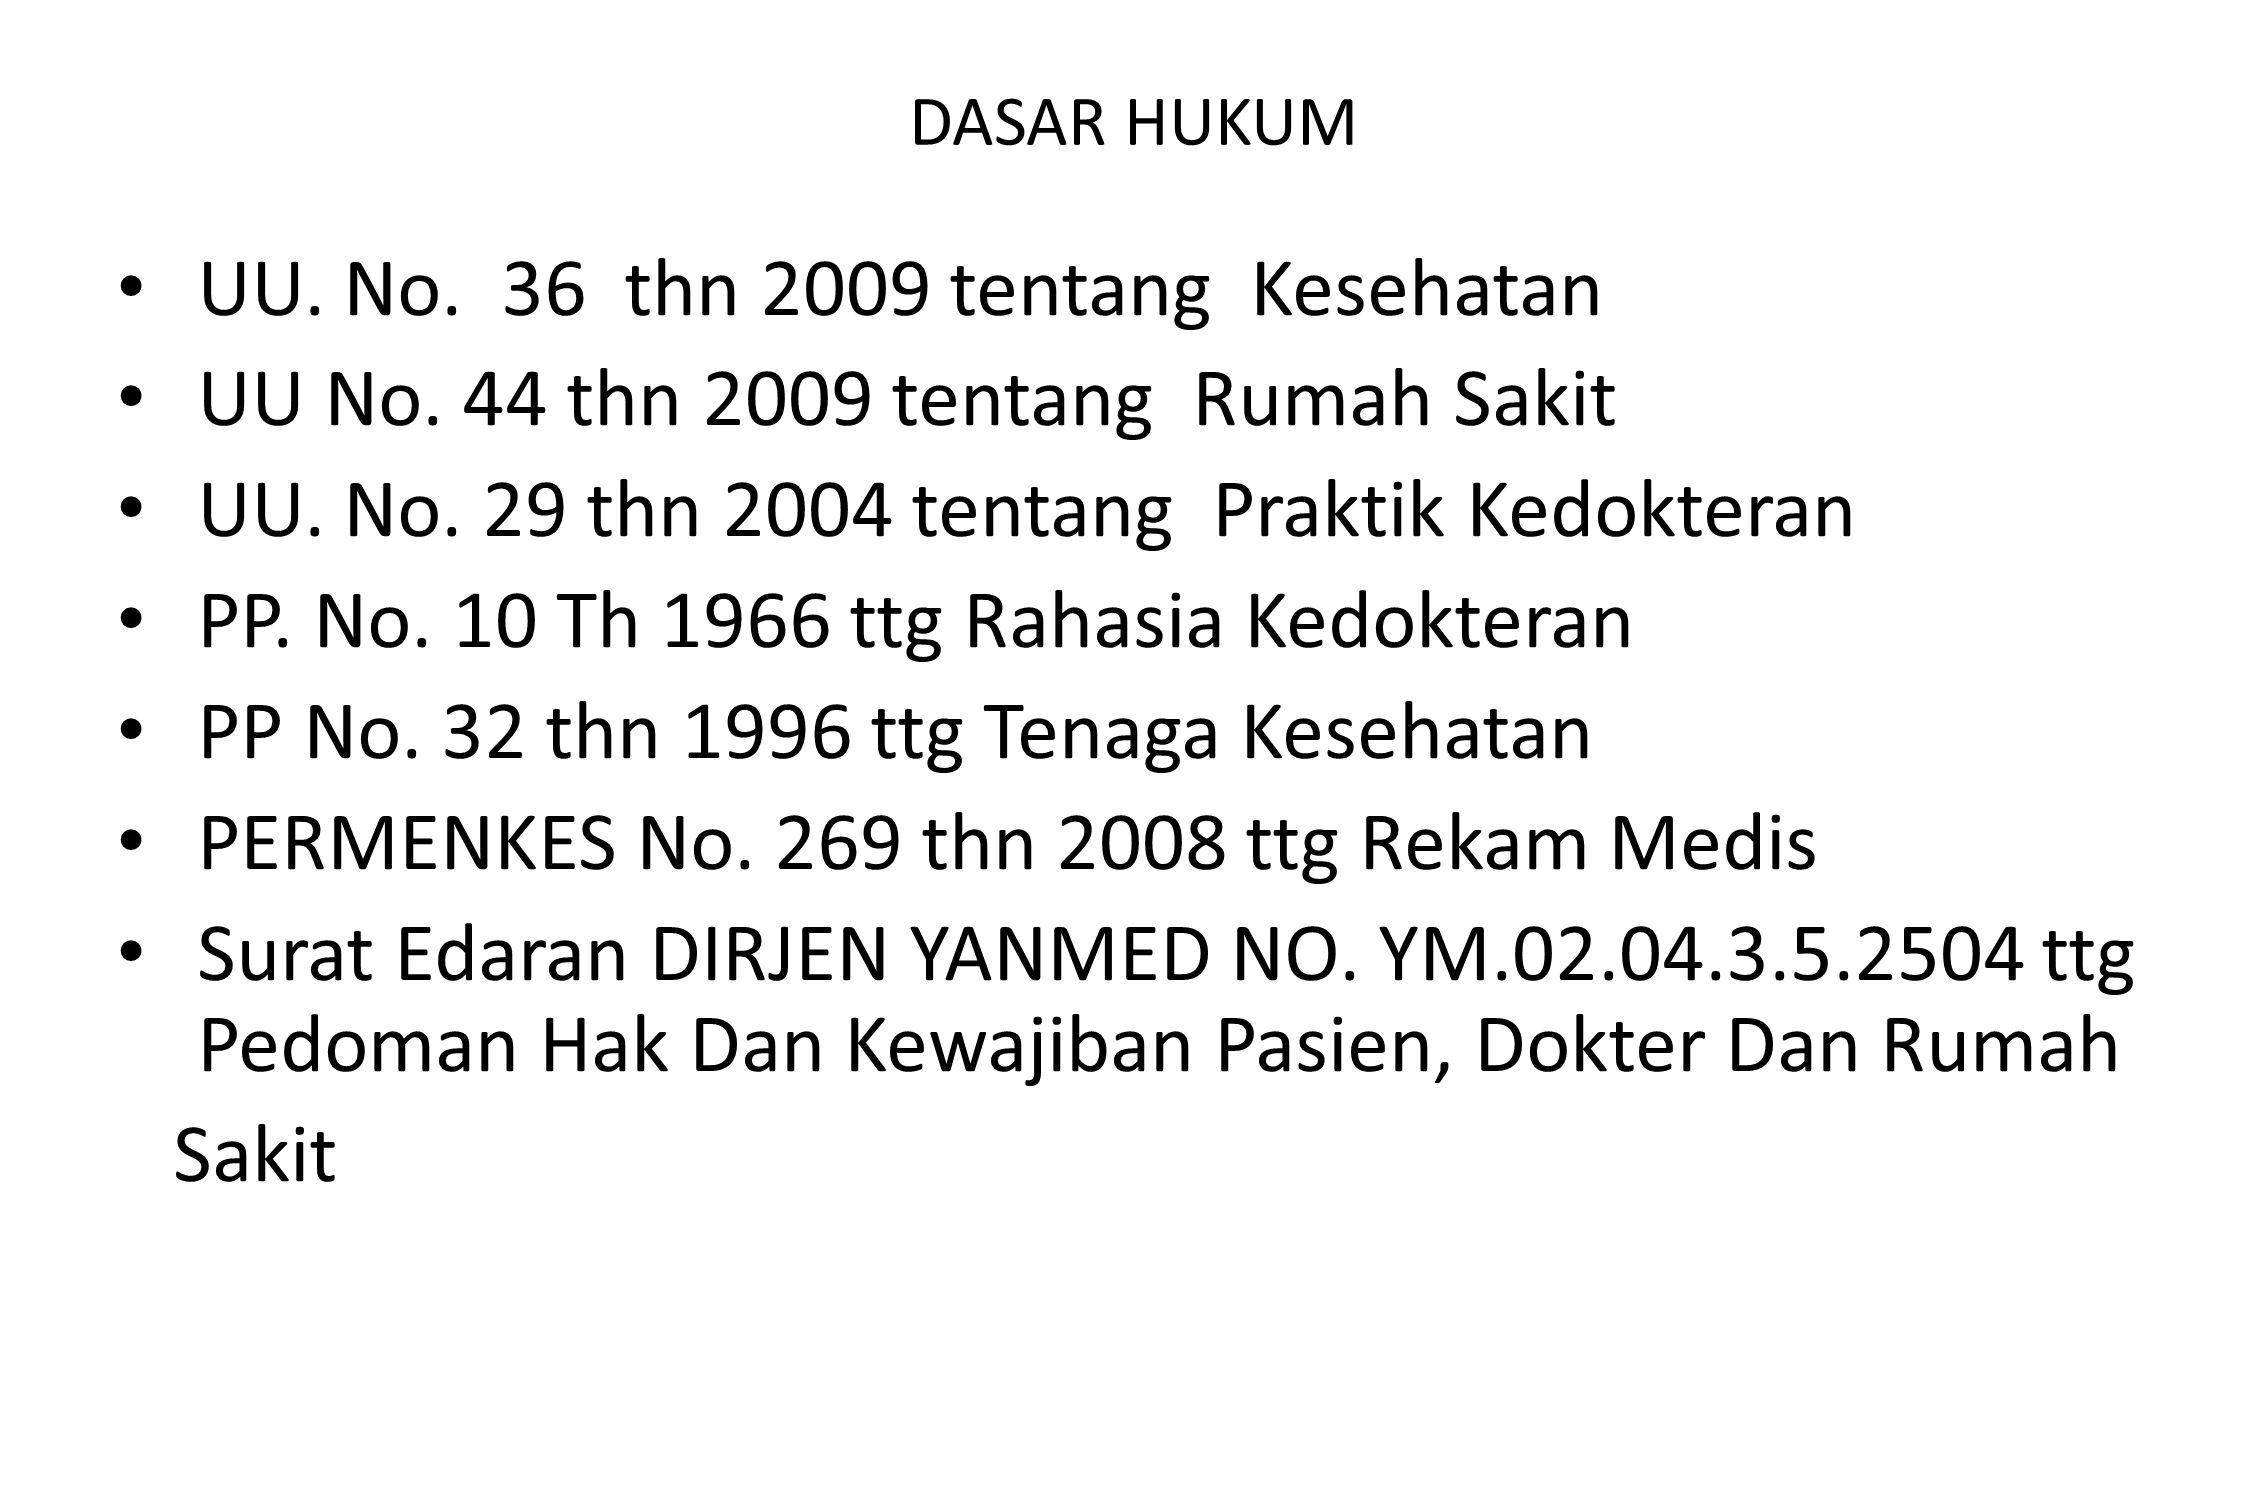 UU. No. 36 thn 2009 tentang Kesehatan